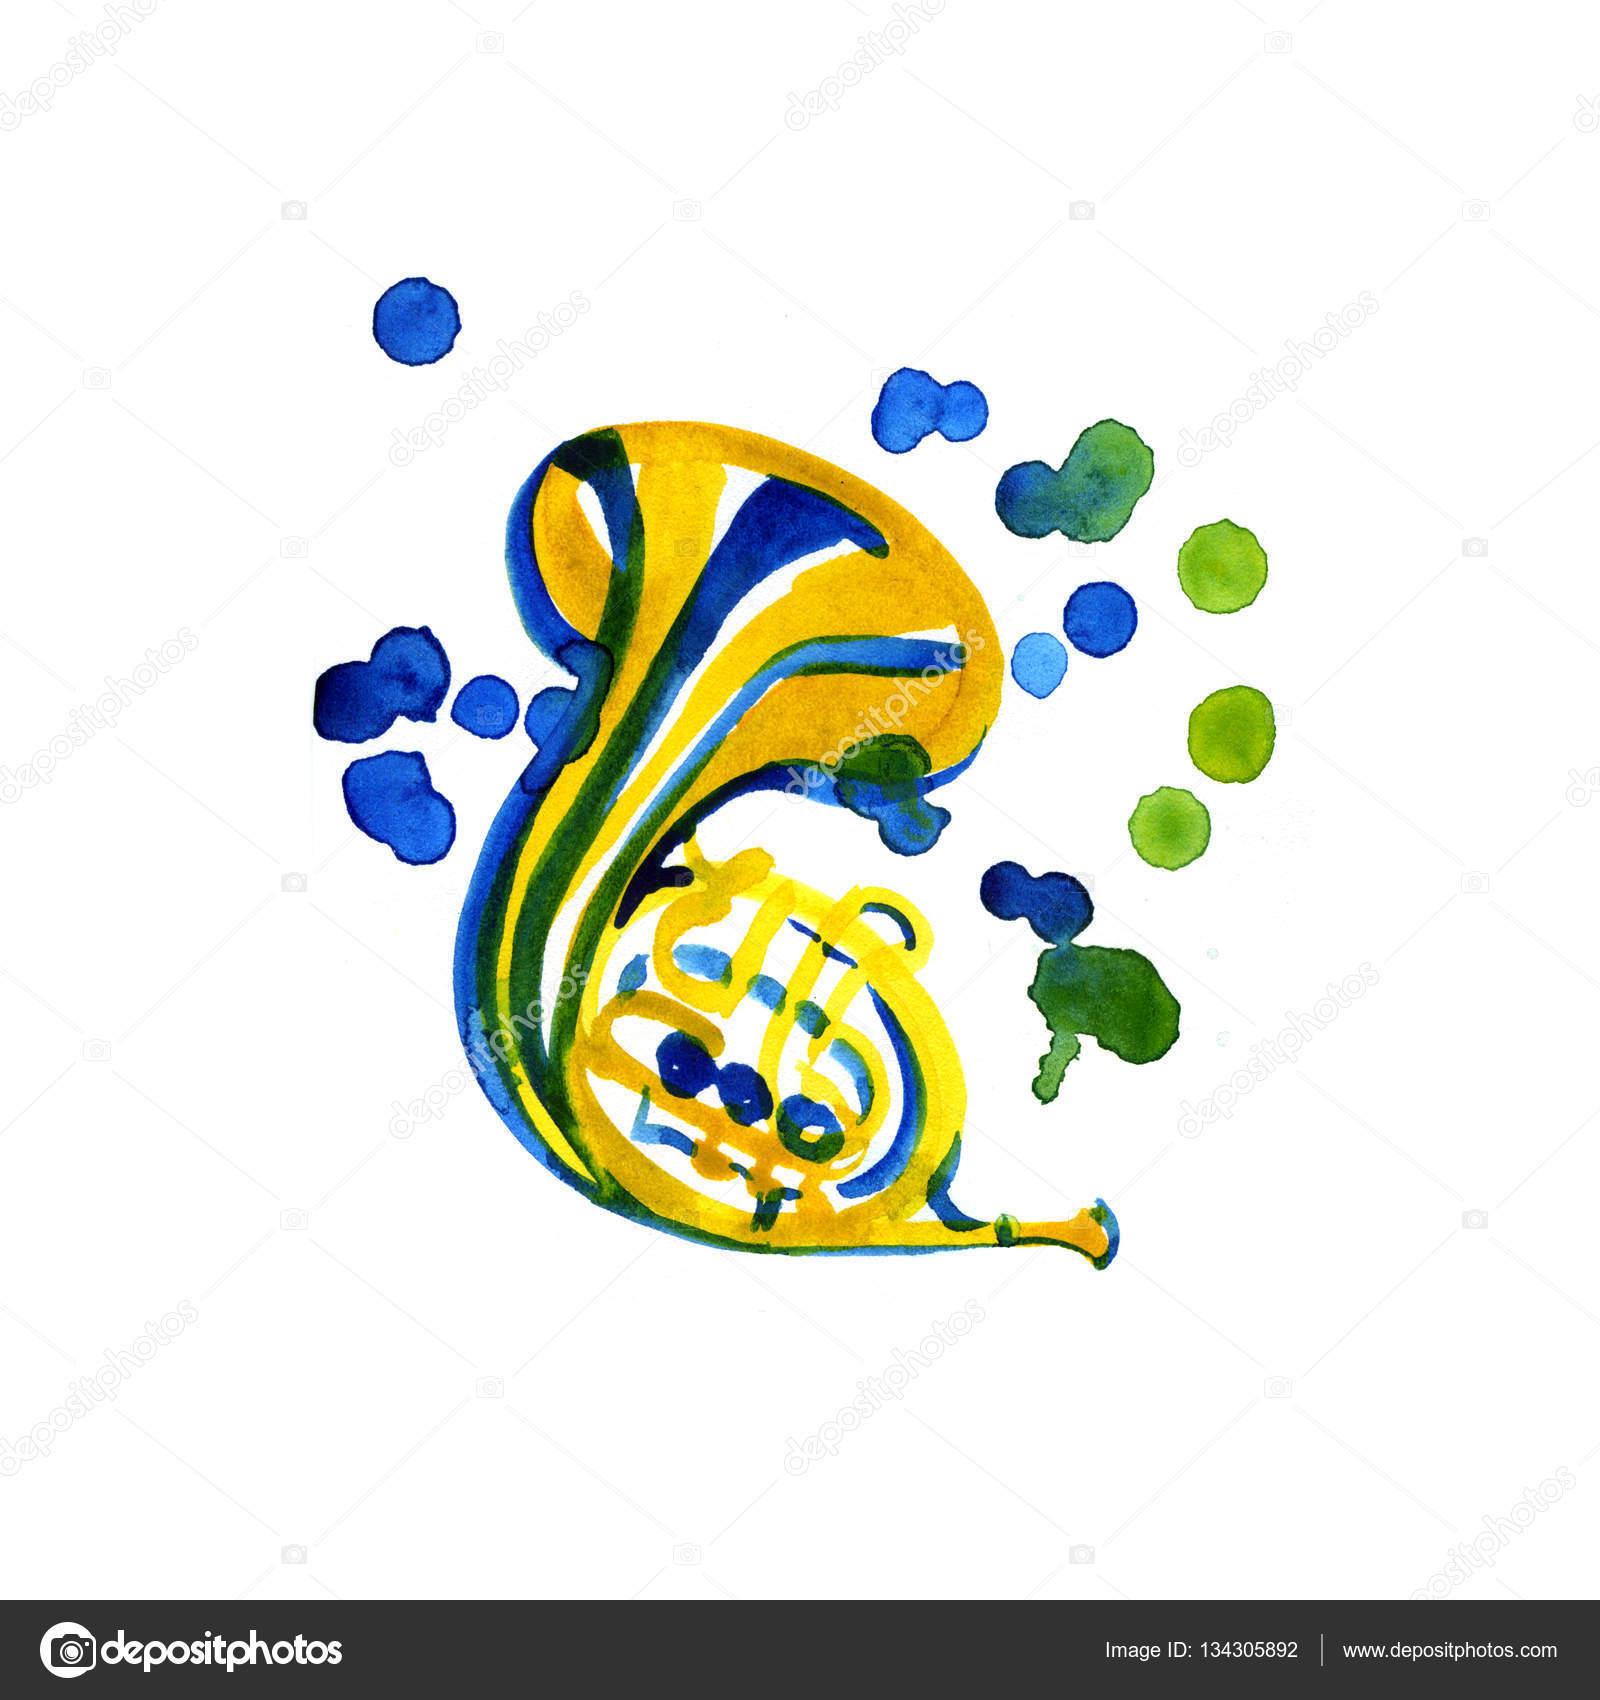 Modello grafico di strumenti musicali corno francese for Modello di paese francese